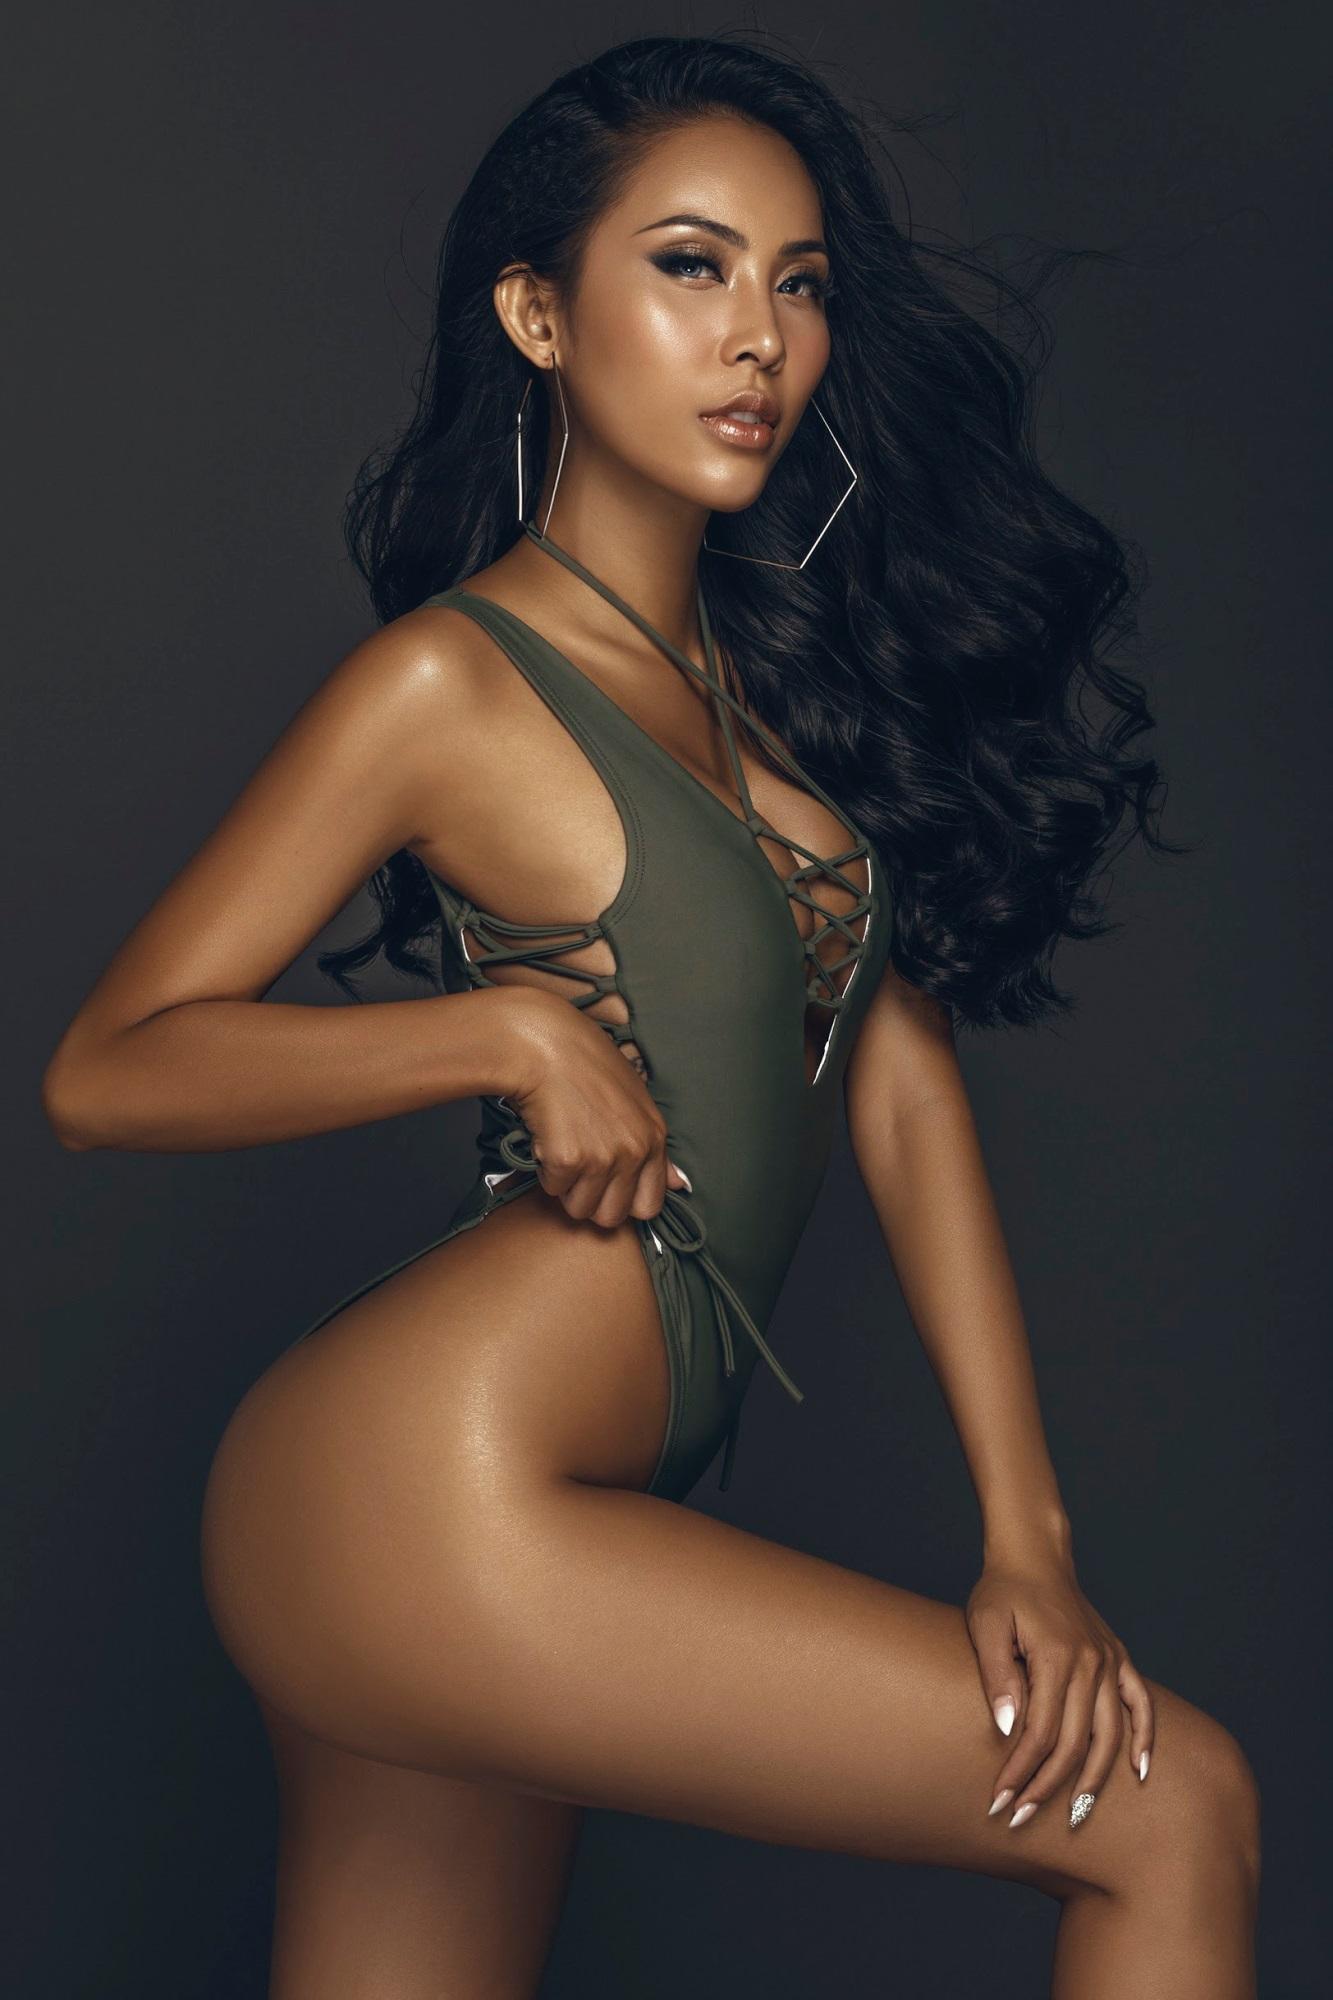 Chân dài Trương Hằng khoe trọn 'đường con nhức mắt' trong bộ hình bikini nóng bỏng - Ảnh 7